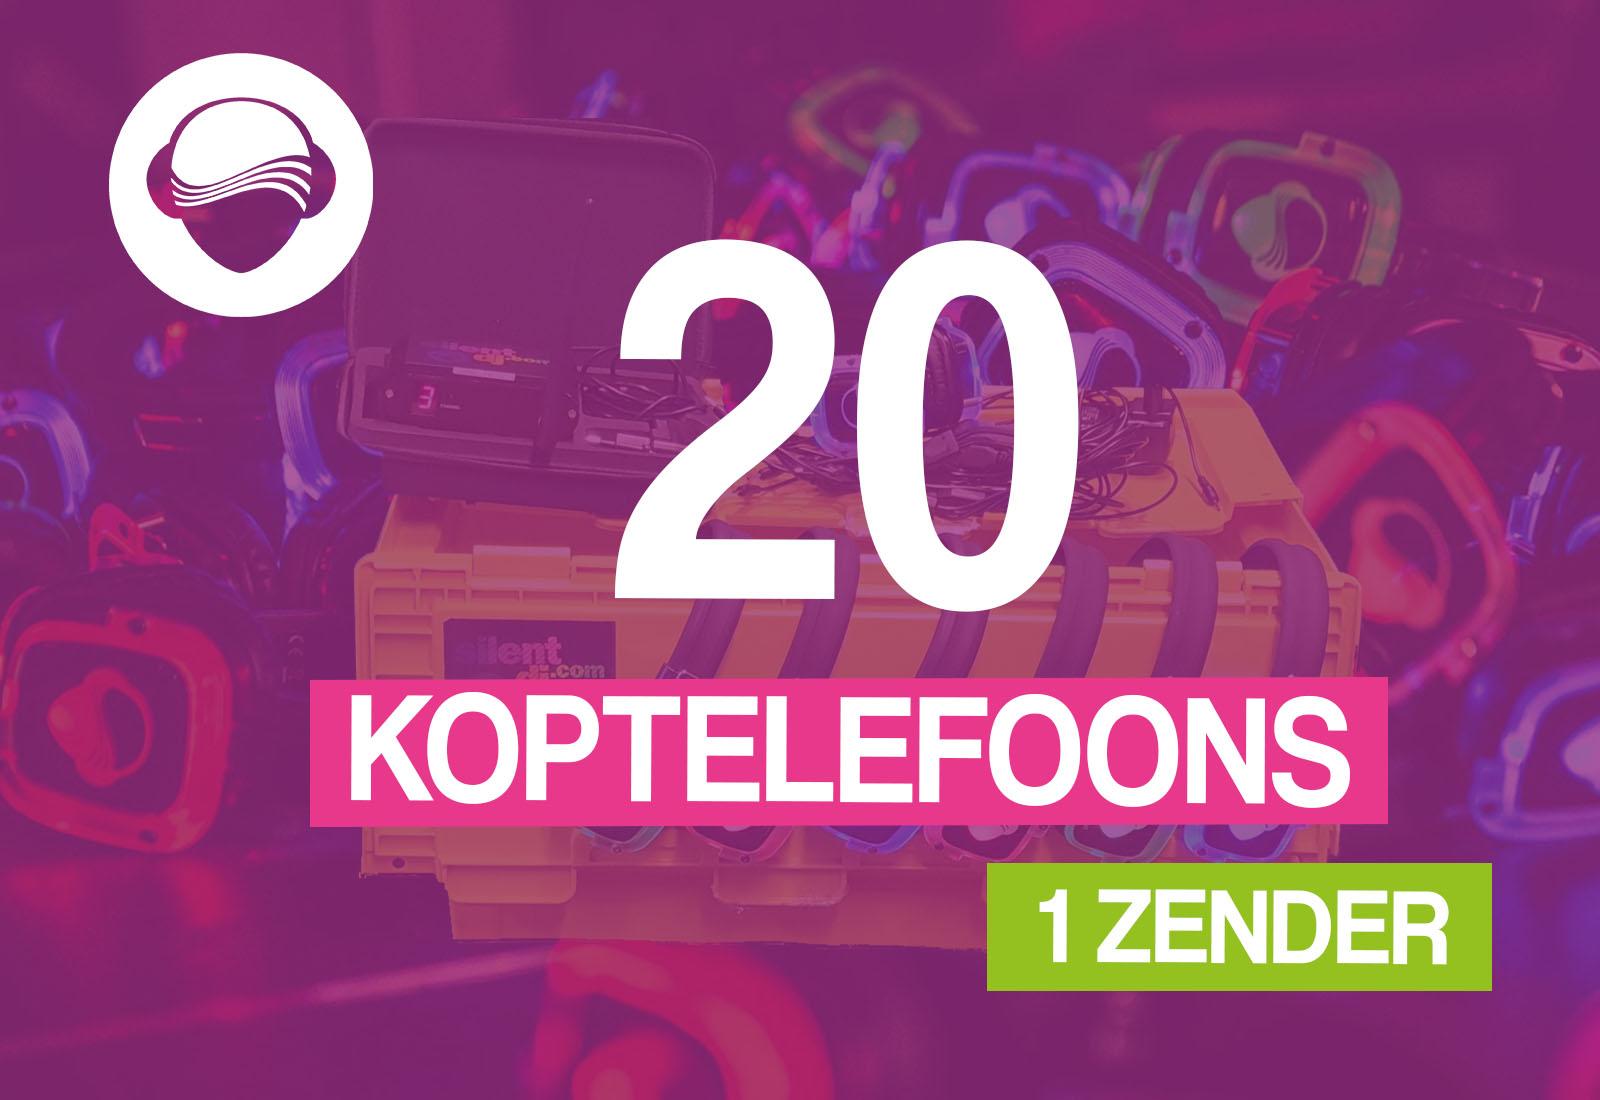 20 koptelefoons + 1 zender €95,-